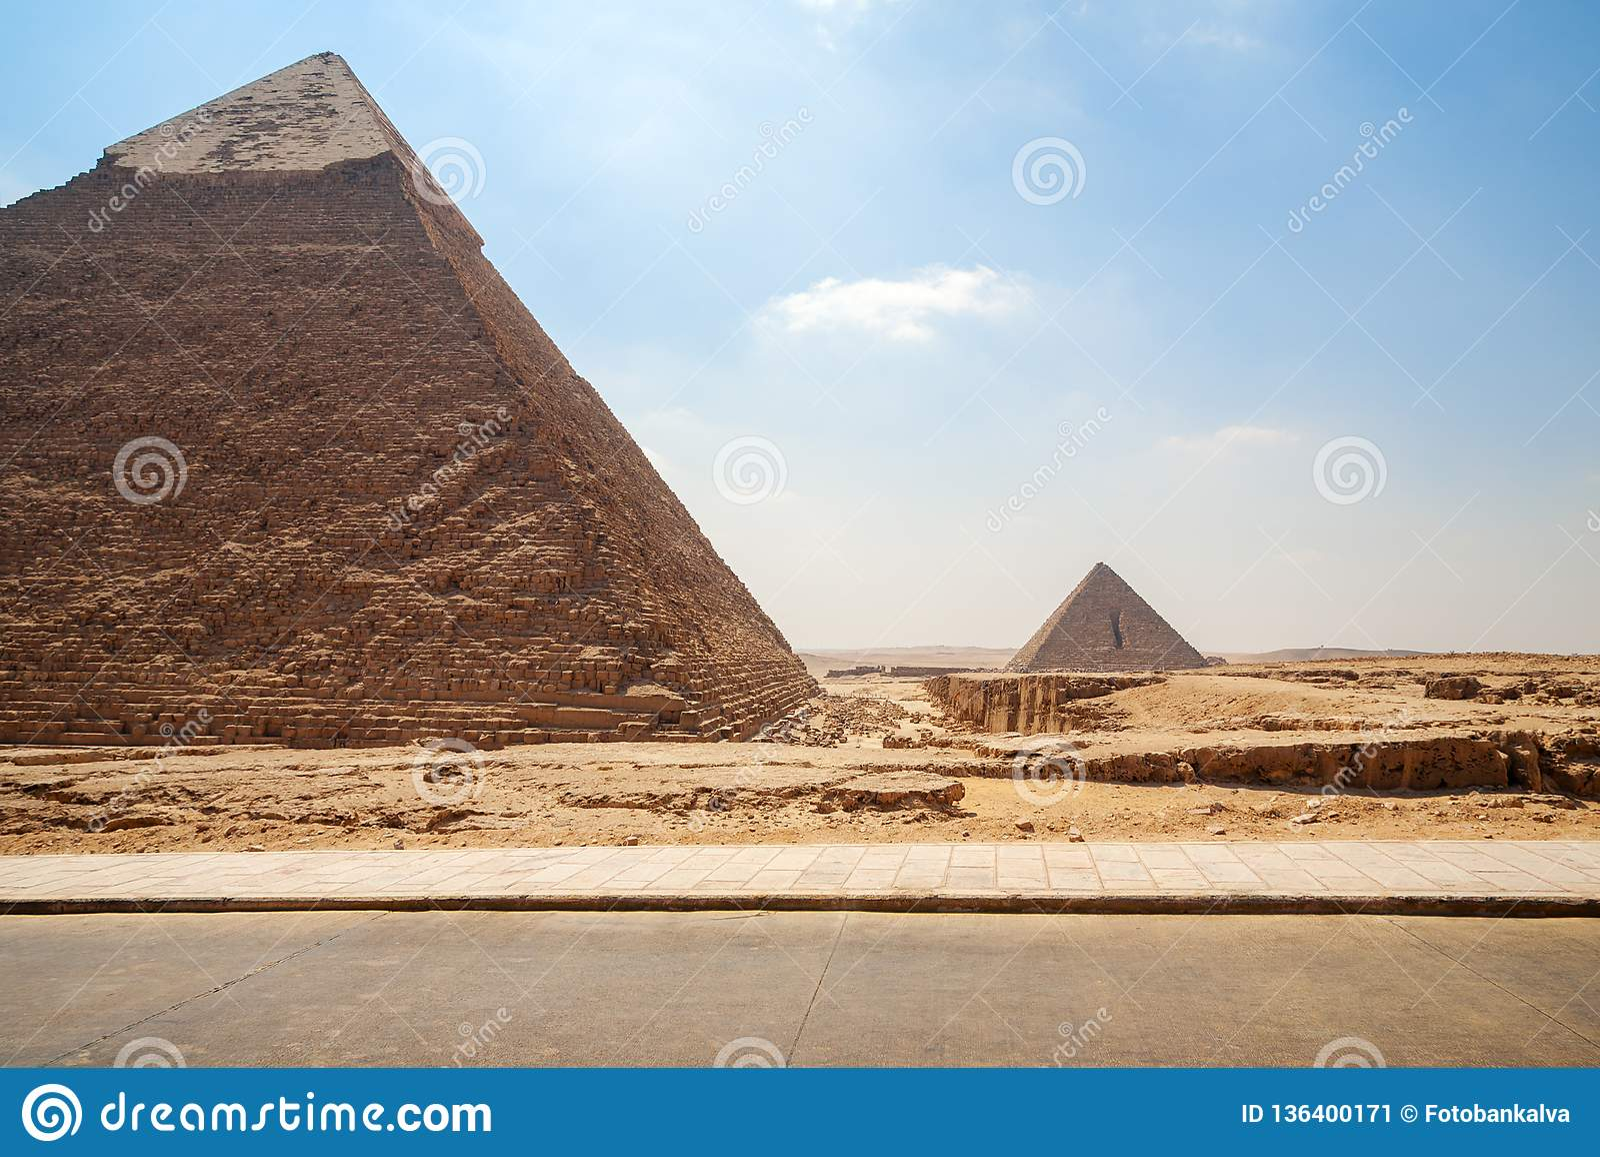 Pirâmides de Giza em Egito - duas pirâmides no Cairo no fundo do céu azul